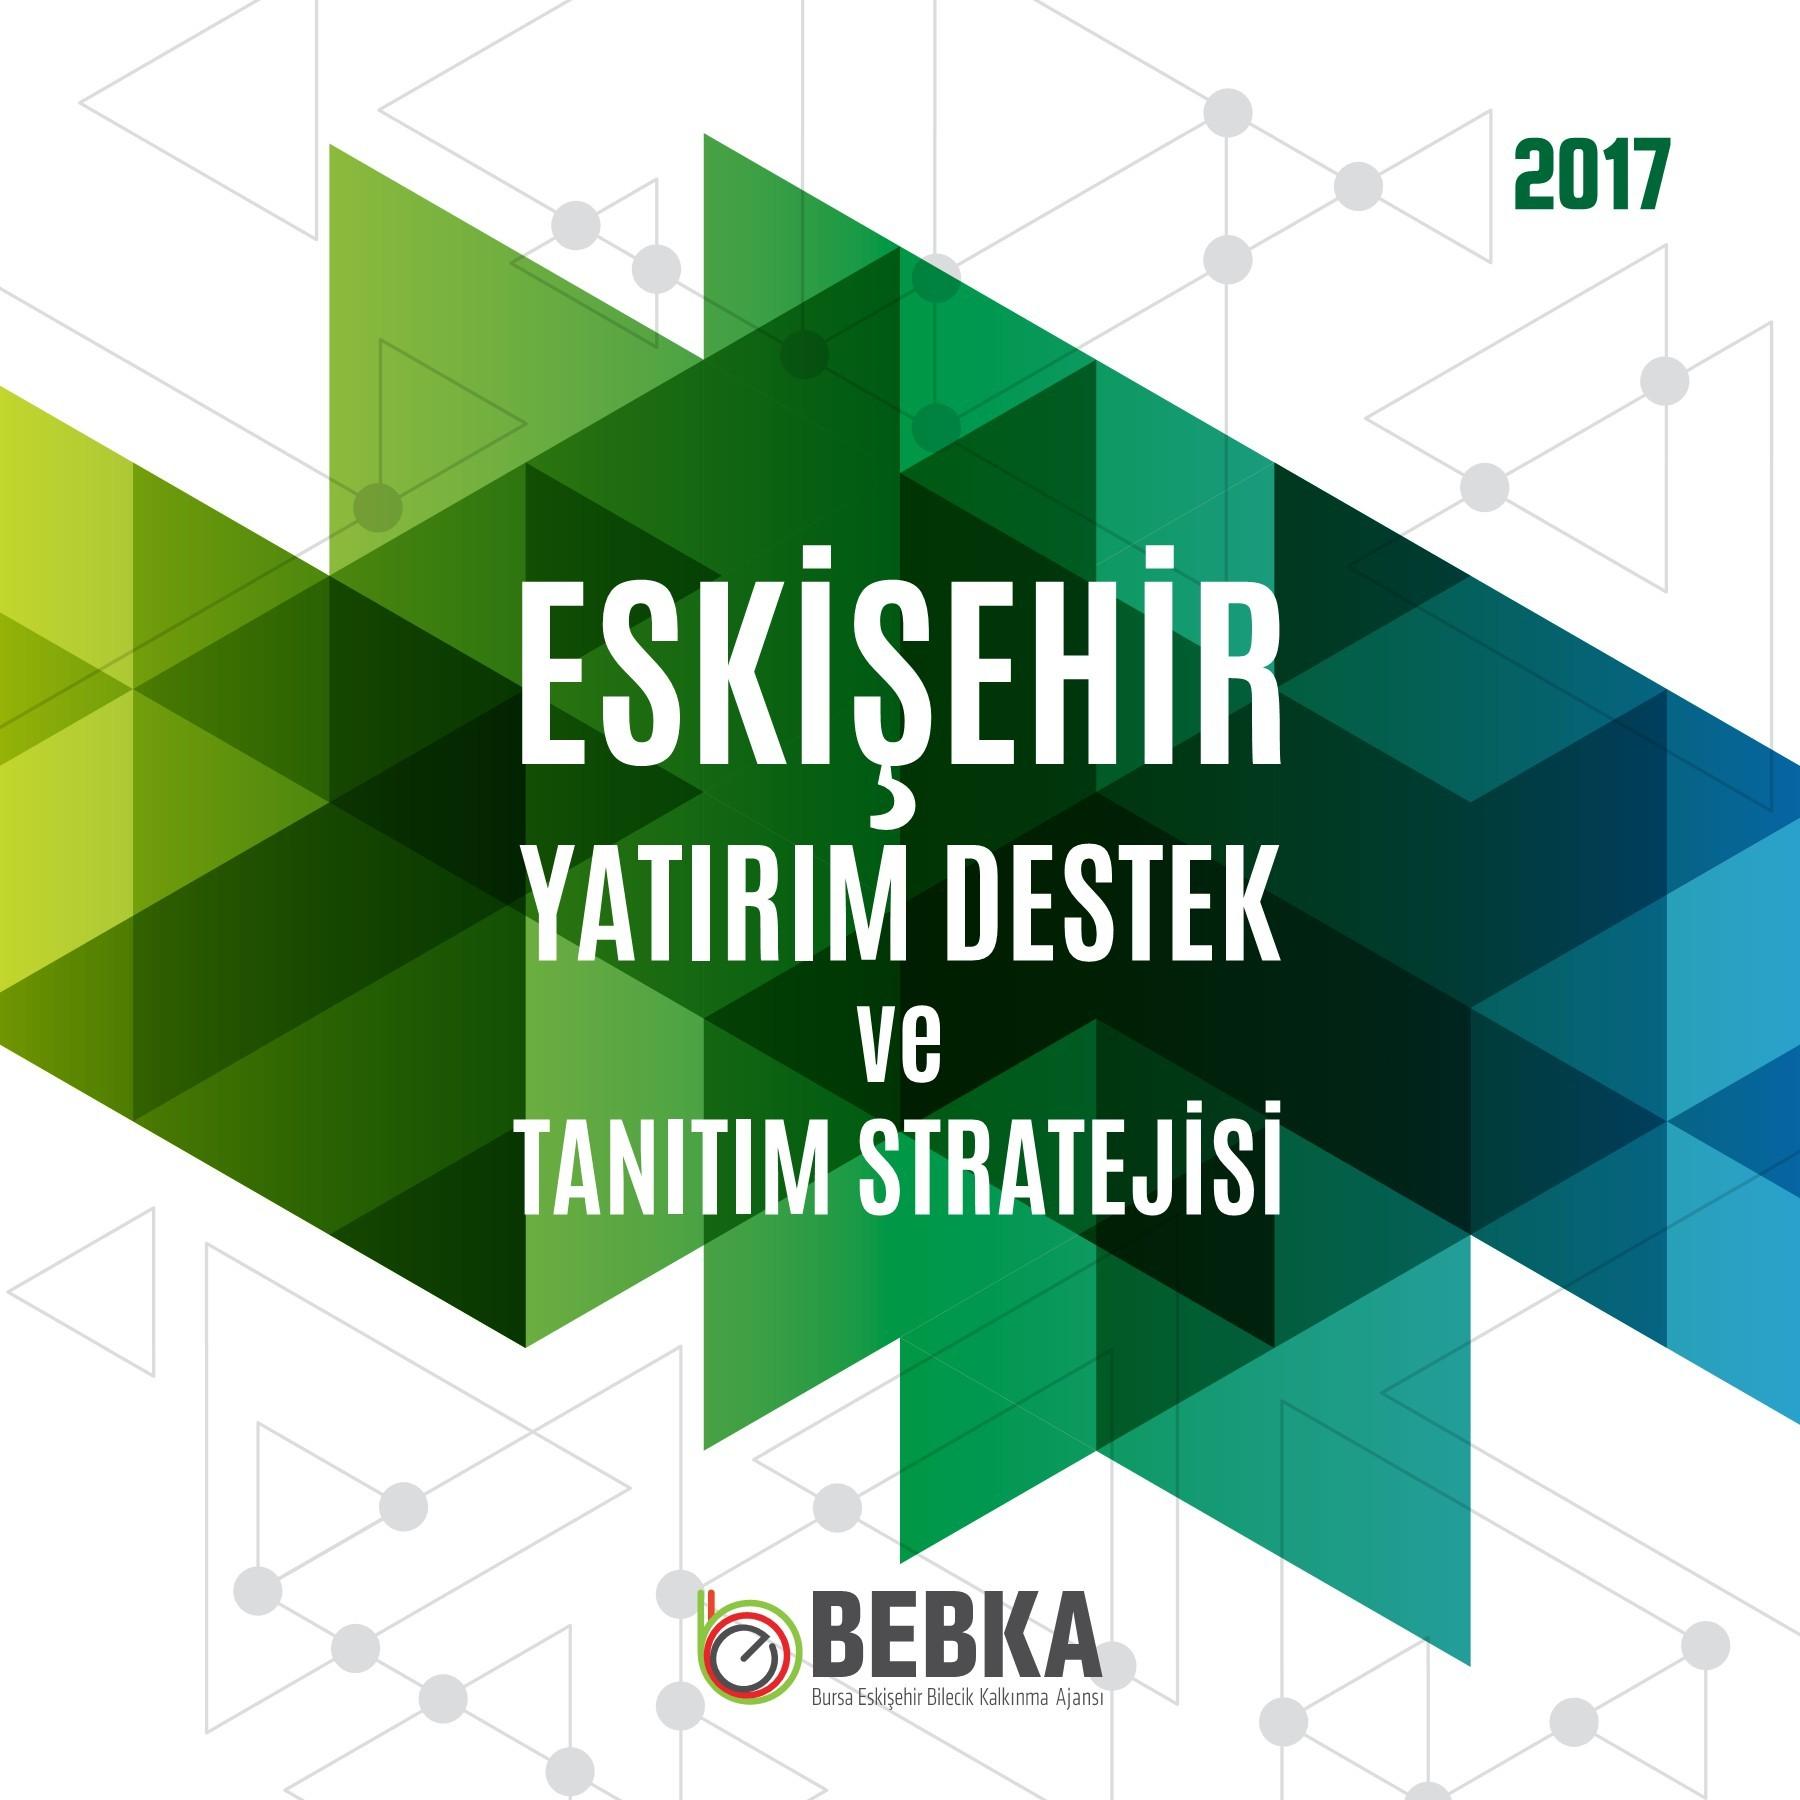 2017 Eskişehir Yatırım Destek ve Tanıtım Stratejisi